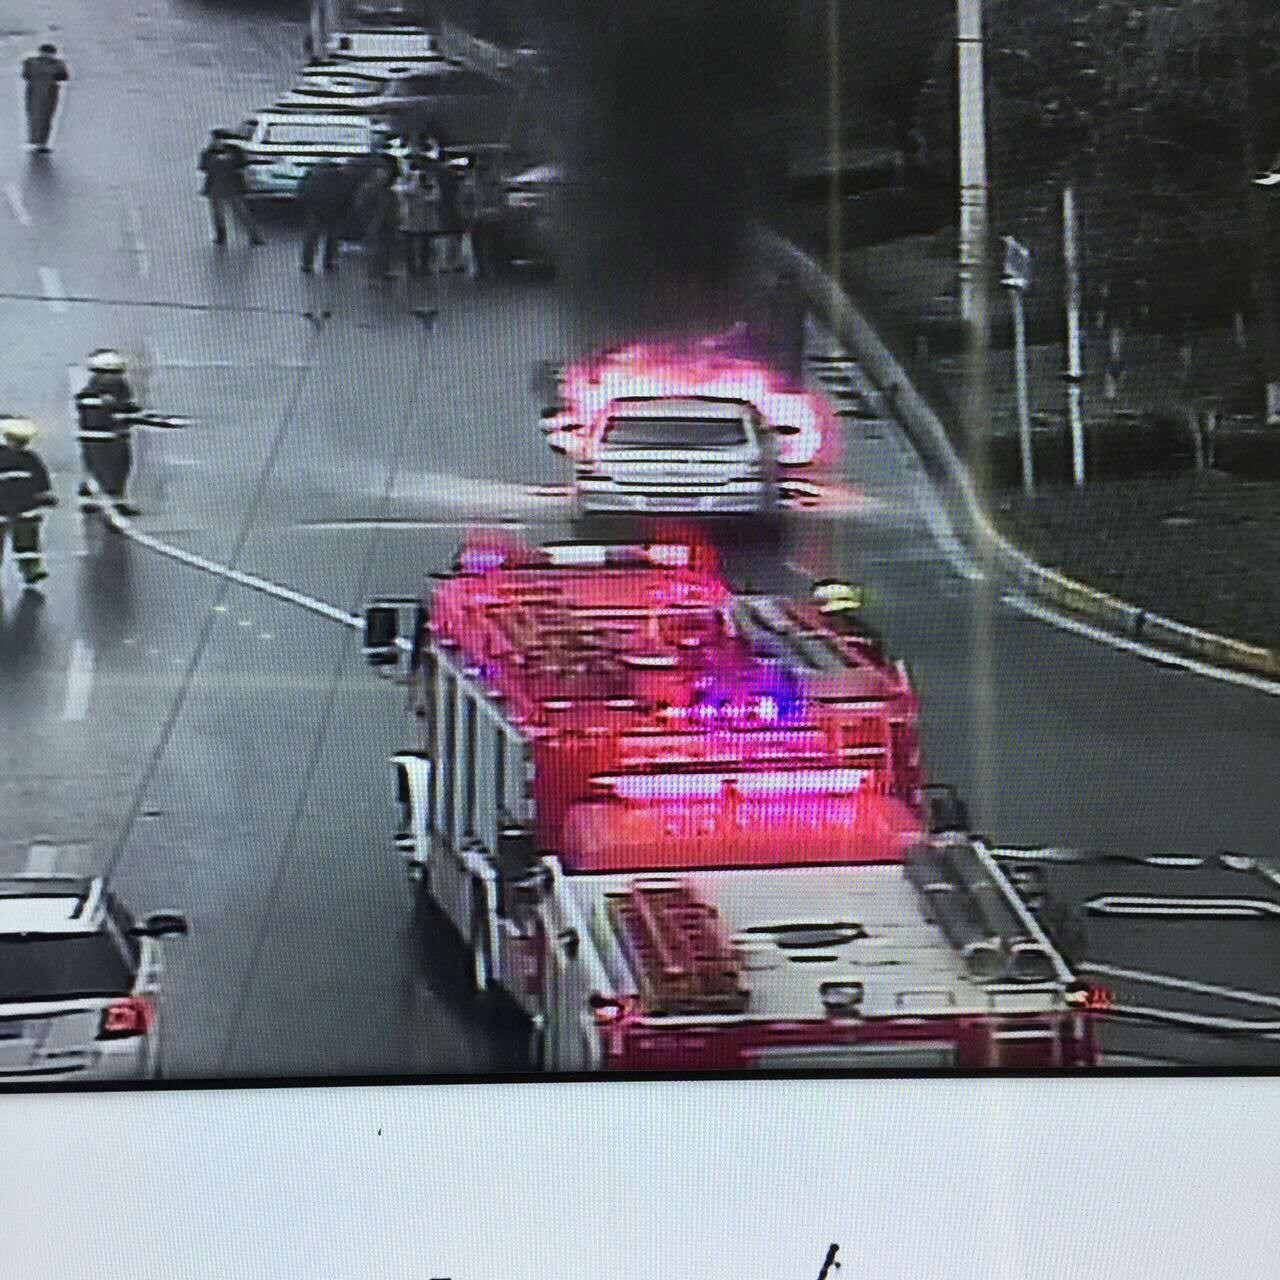 惊险| 武汉解放大道一小车自燃 幸无人受伤